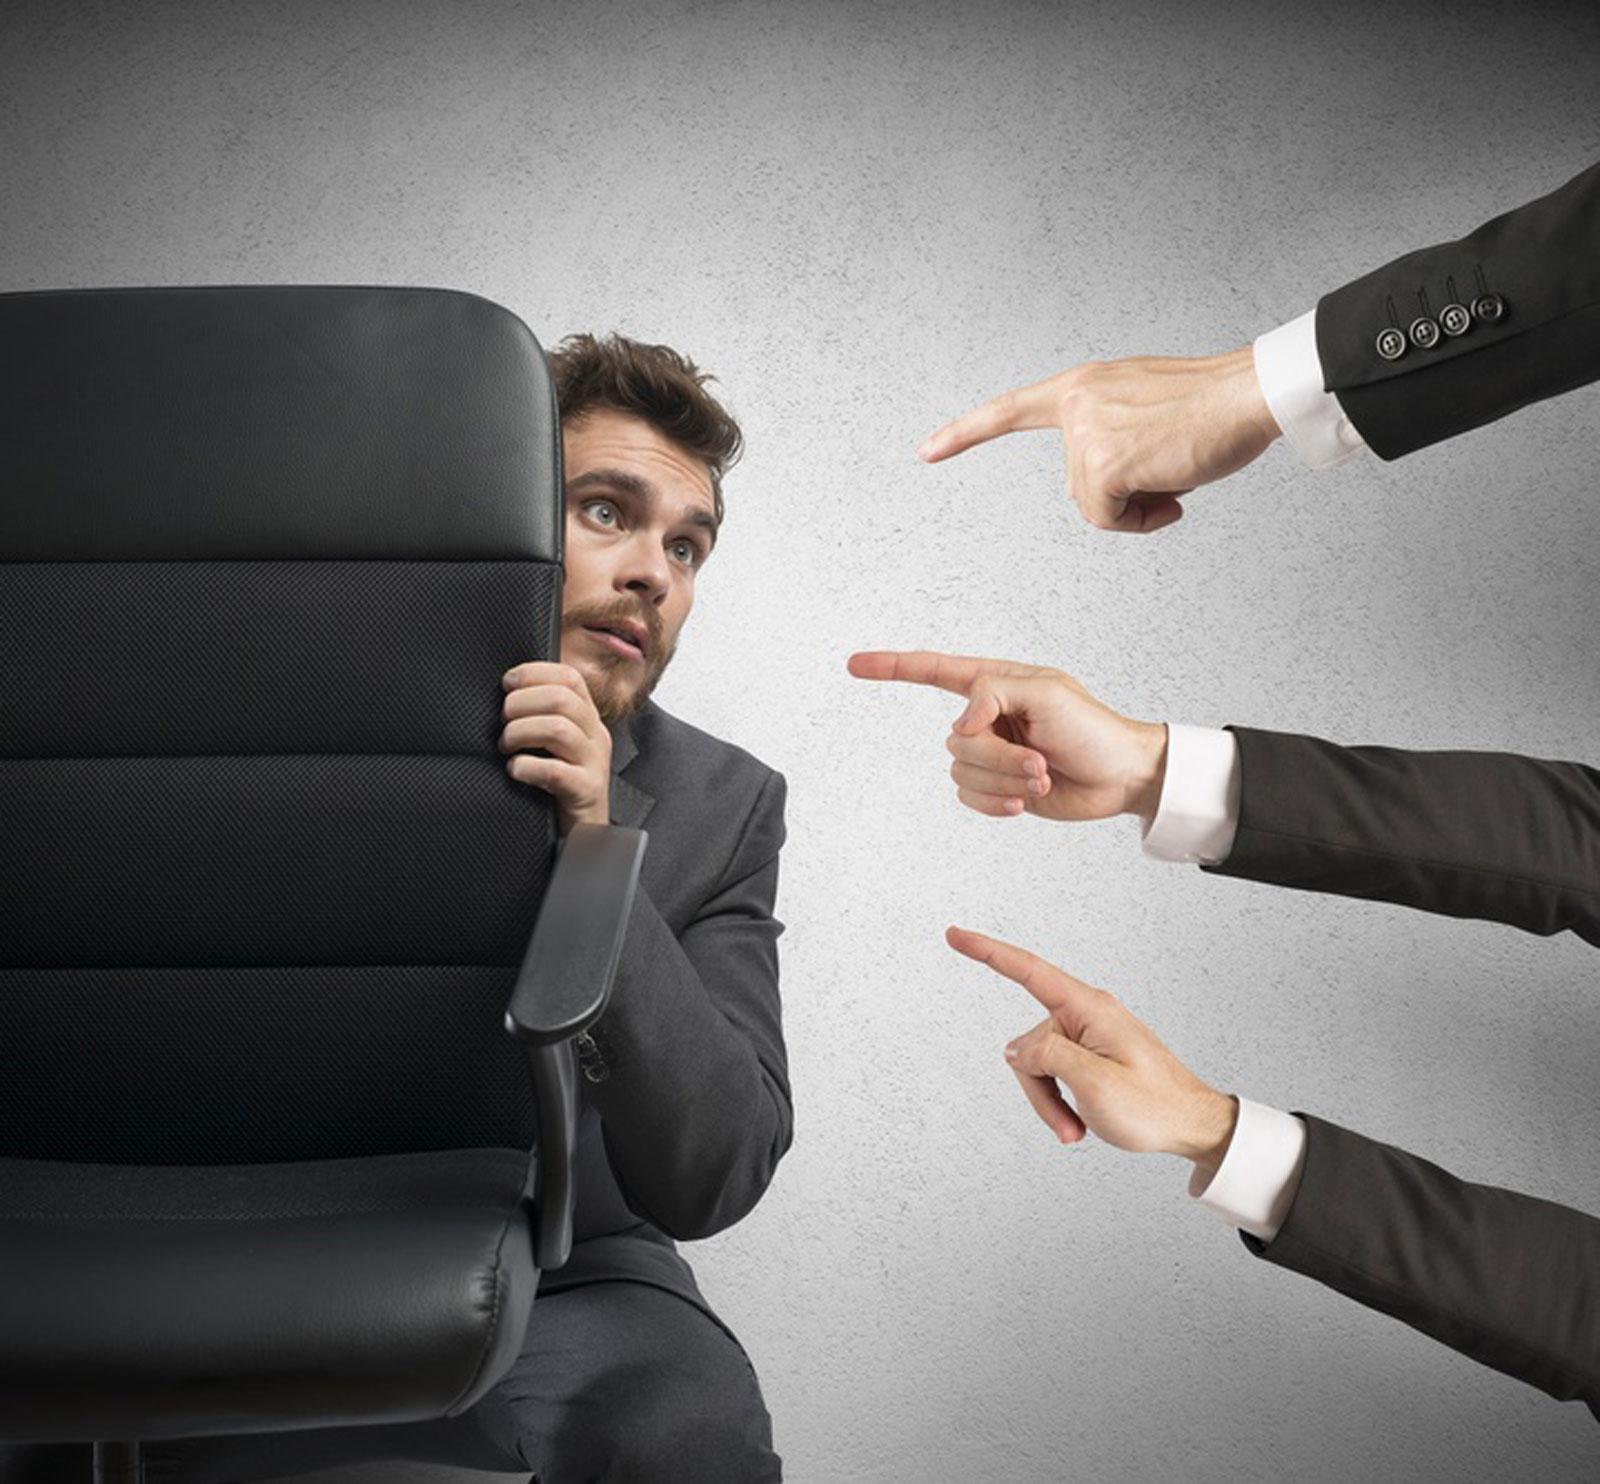 Wie Sie die 5 häufigsten Fehler von Vertriebsleitern sicher vermeiden (Teil 2)